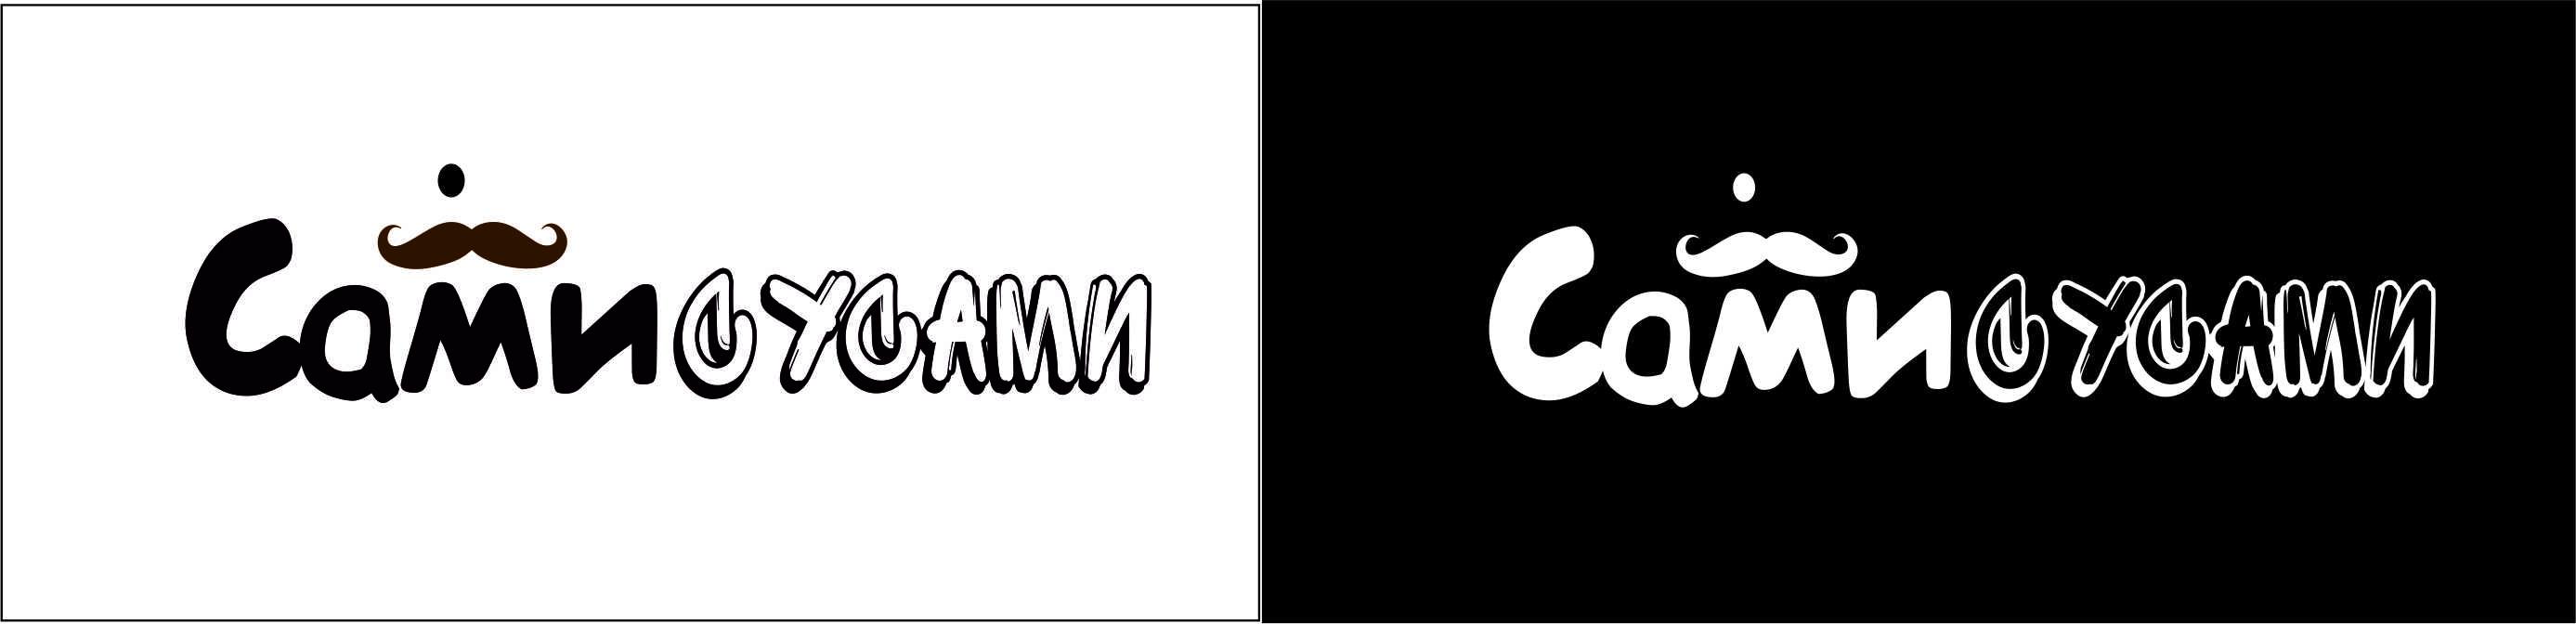 Разработка Логотипа 6 000 руб. фото f_14958f60cada48da.jpg